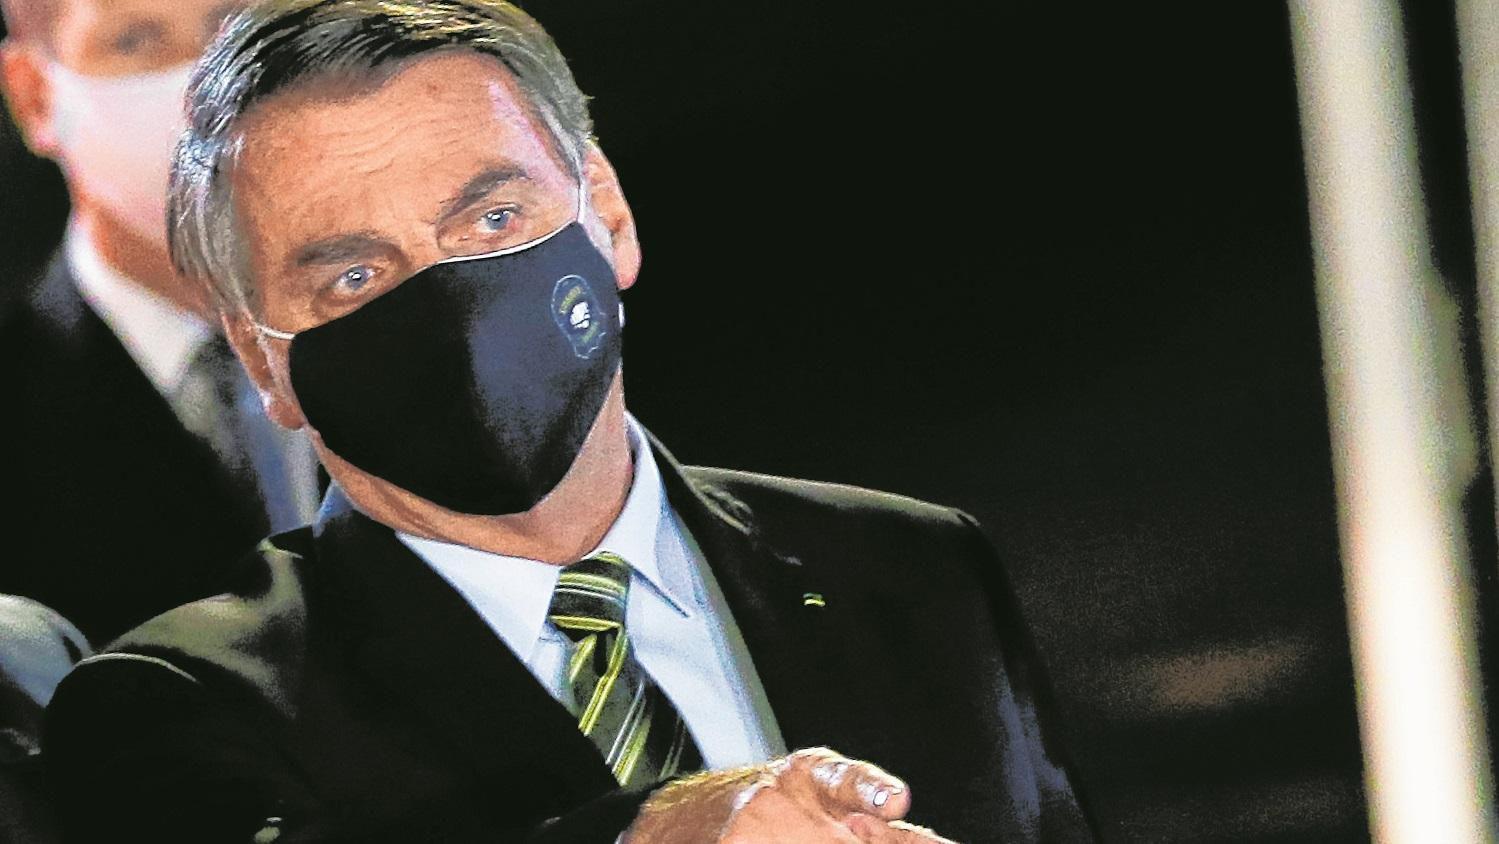 Illustration : Bolsonaro propose une augmentation du montant de l'aide d'urgence si les parlementaires acceptent une réduction de leurs propres salaires. Photo: PR